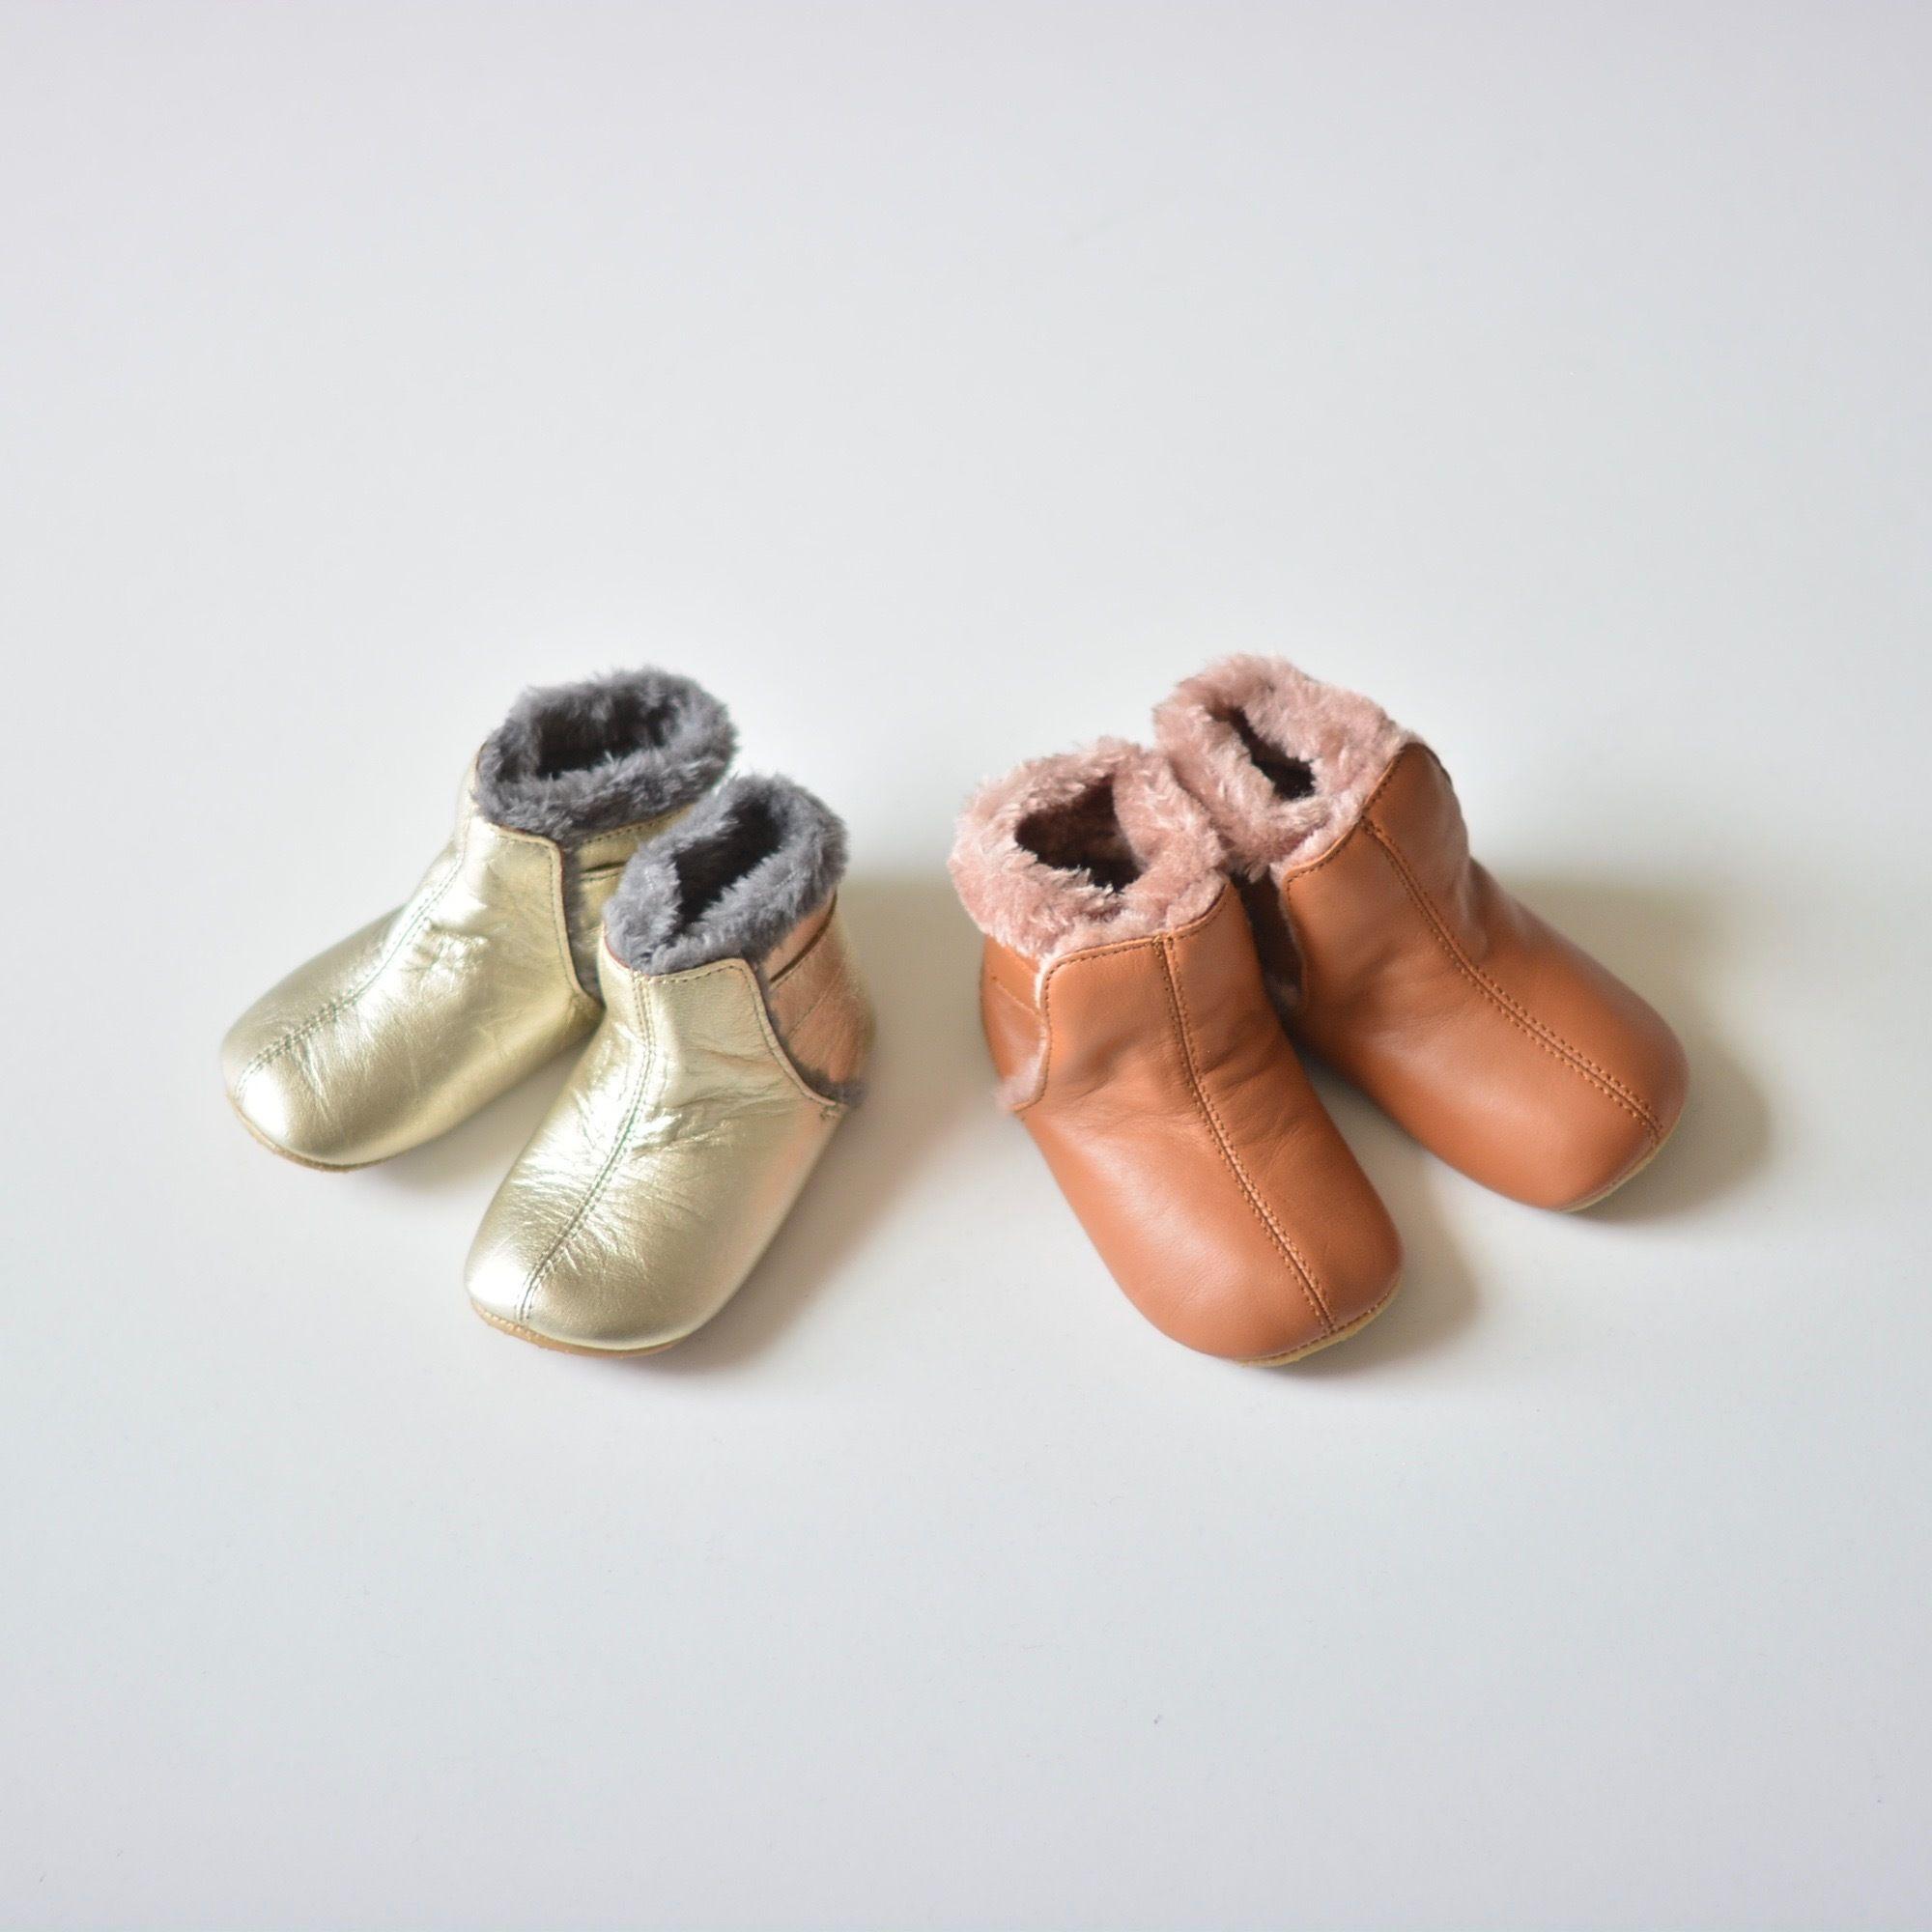 【当店限定】【 OLD SOLES2018AW】#045 Polar Boots ピーカブーヤ別注カラー